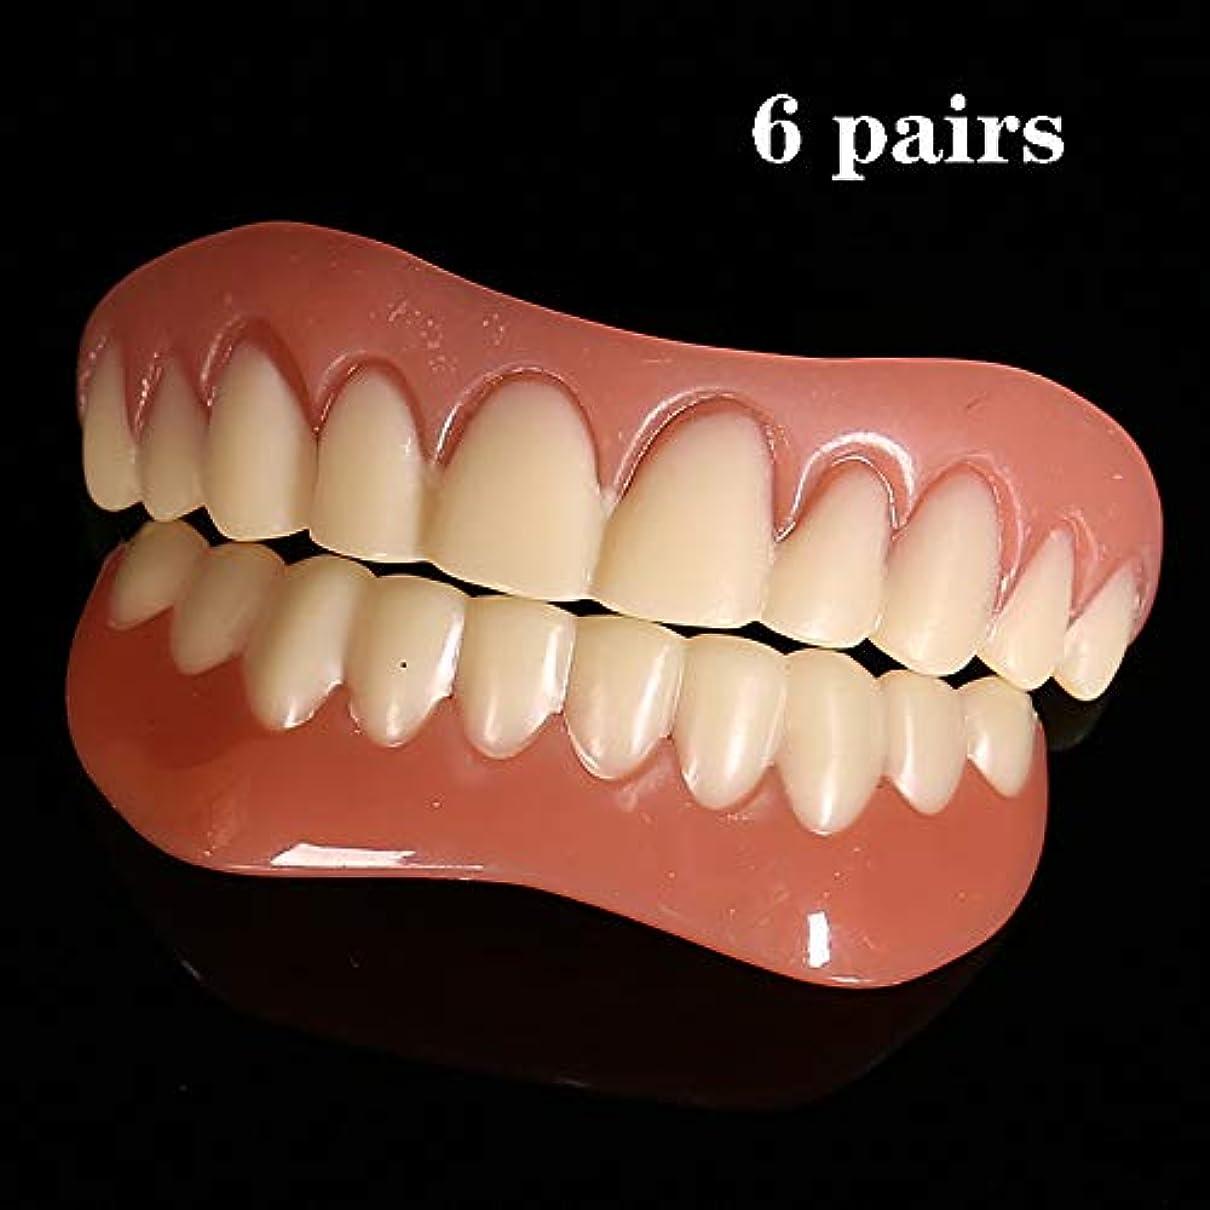 女王ホテルテザー歯突き板化粧品歯スナップオンセキュア6ペア上下の快適さフィット歯突き板安全インスタントスマイル化粧品ワンサイズ